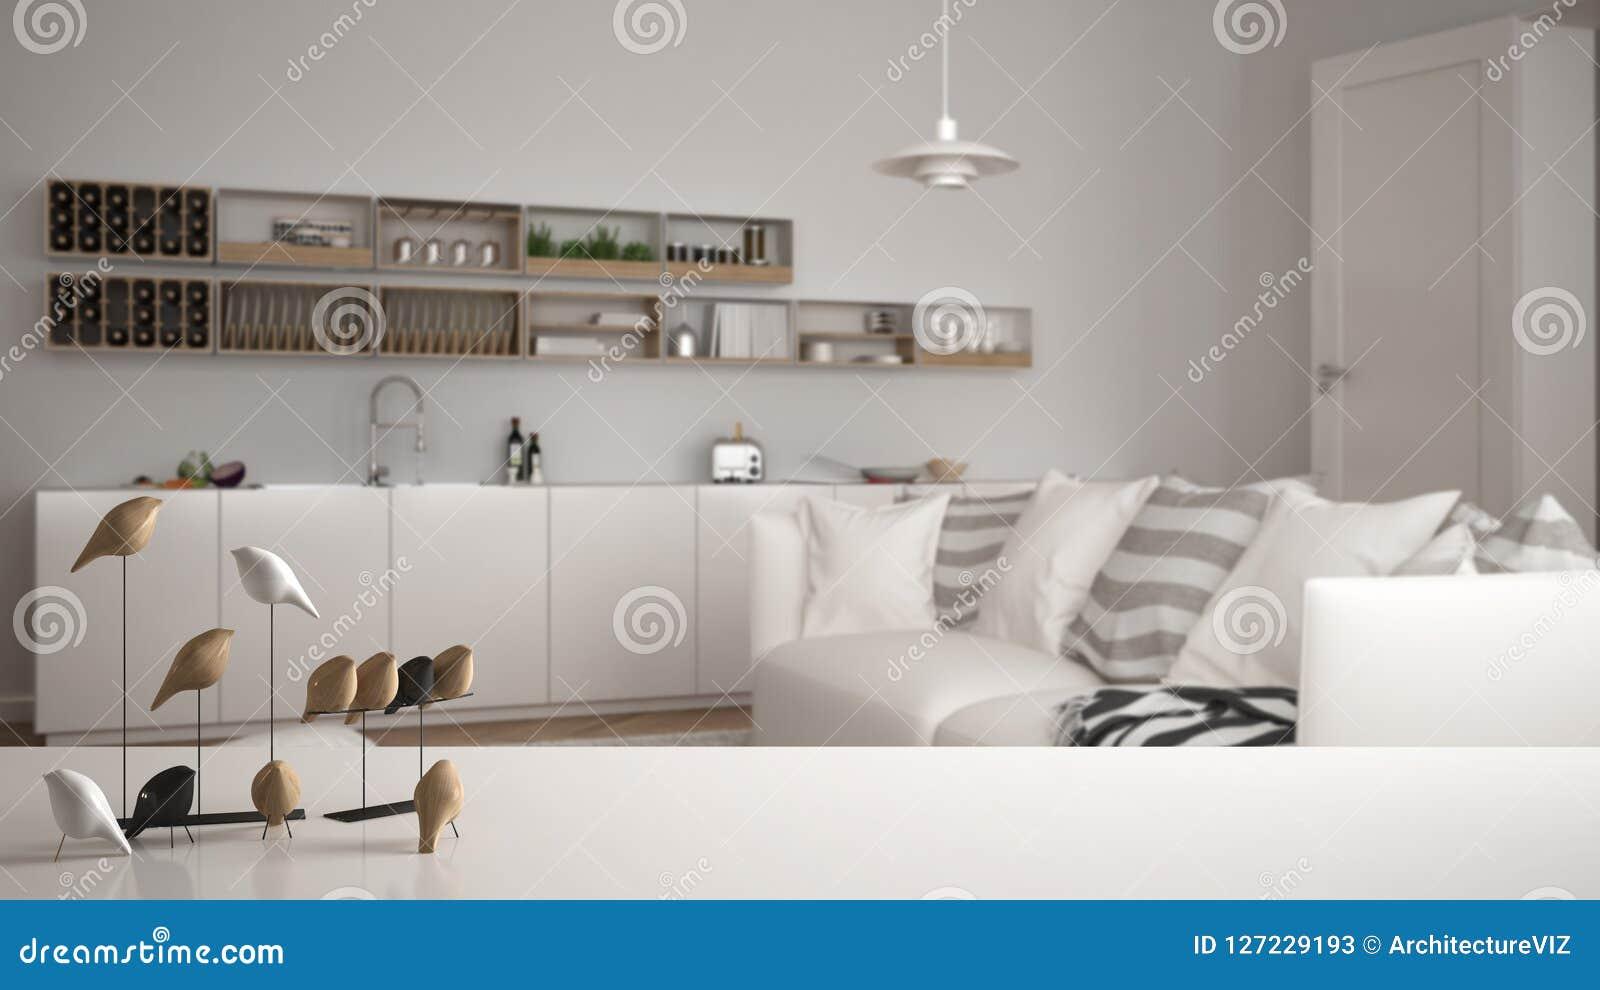 Witte lijstbovenkant of plank met minimalistic vogelornament, vogeltje knick - handigheid over vage eigentijdse woonkamer